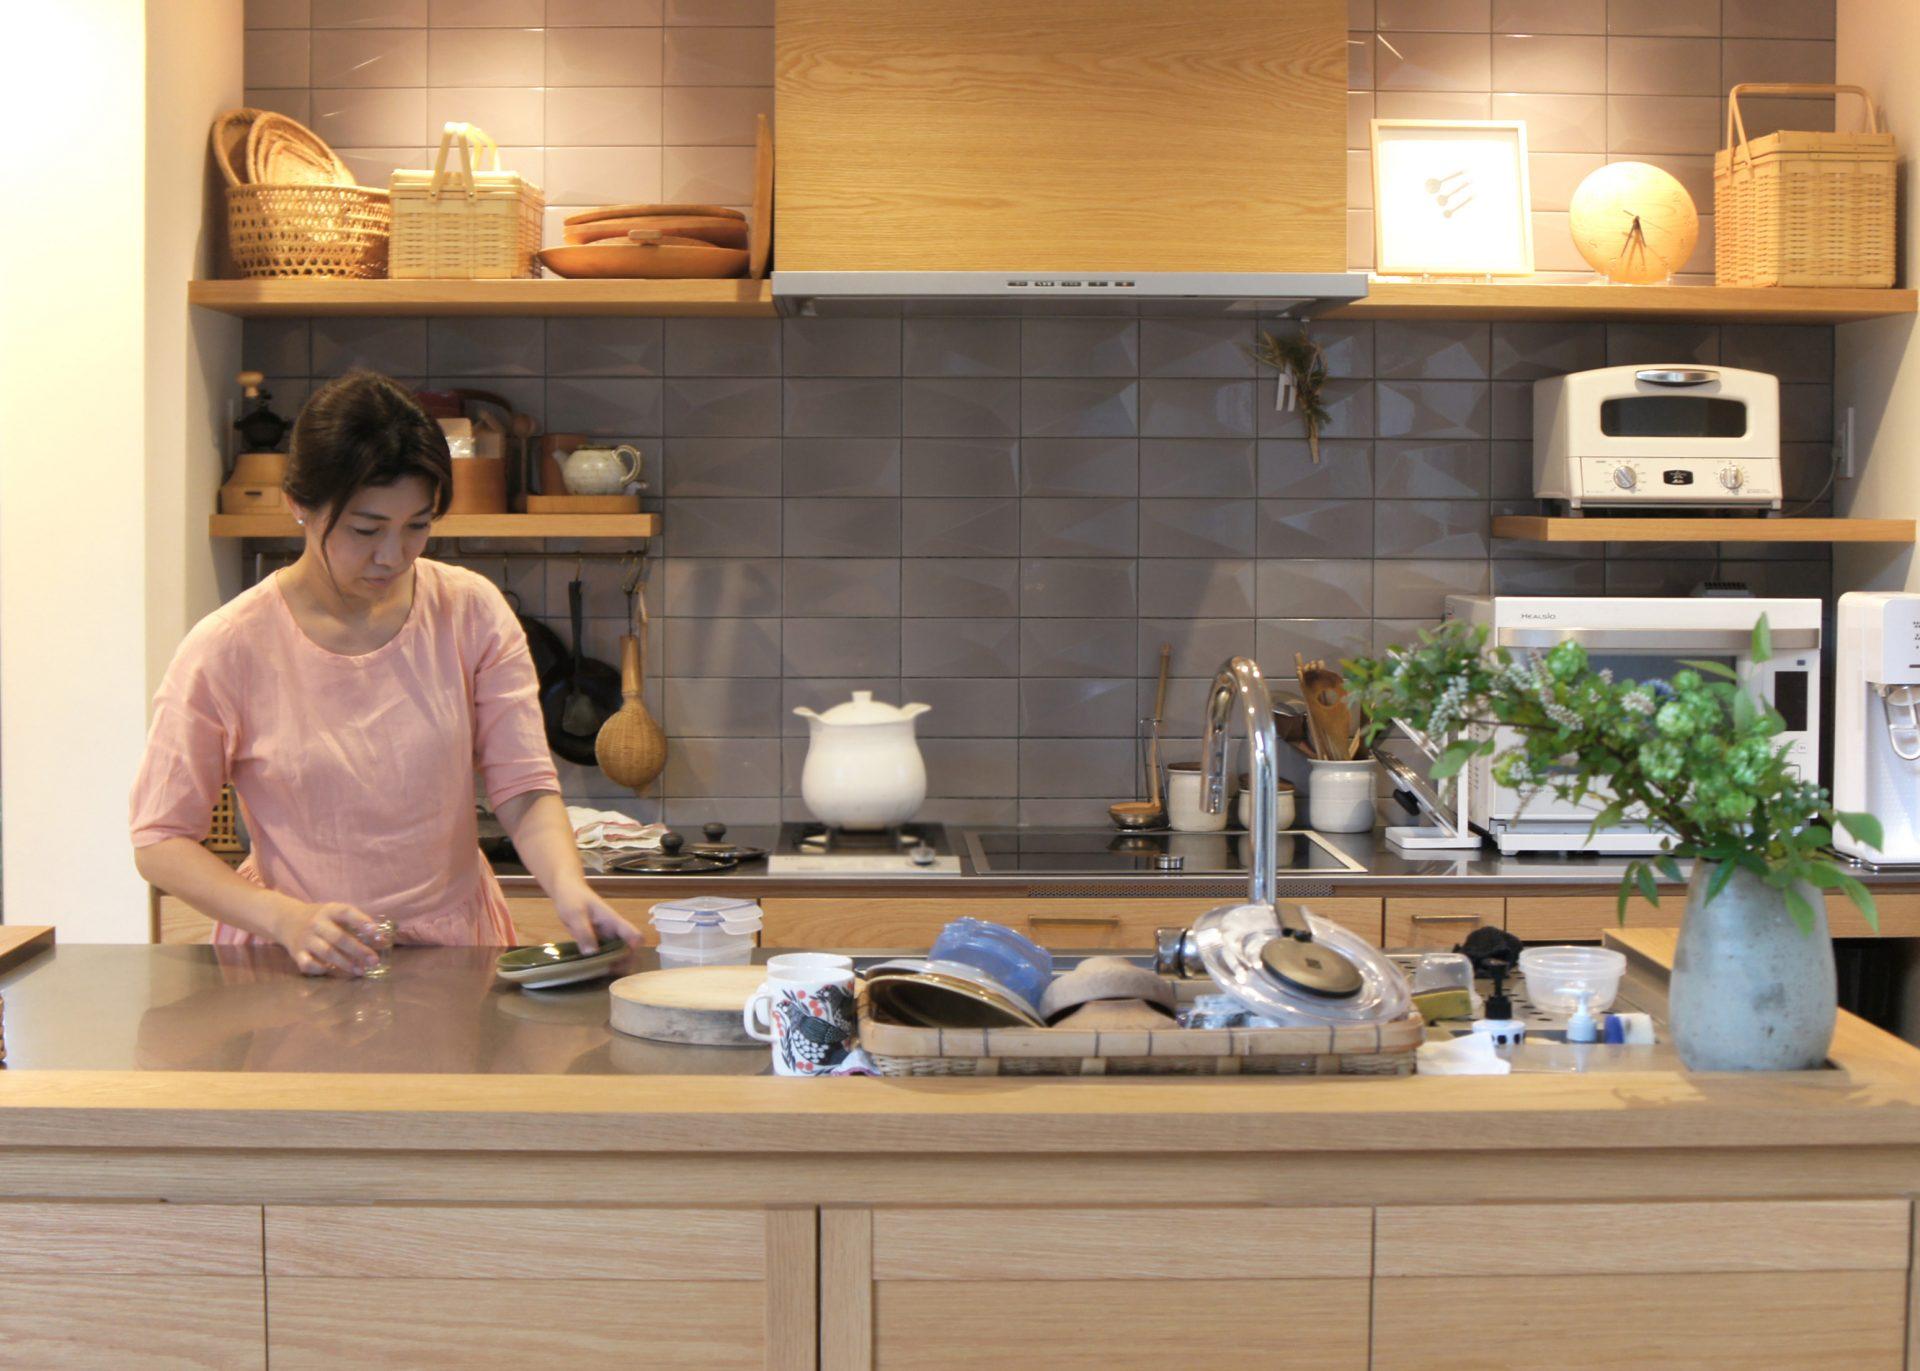 新築におけるⅡ型キッチン